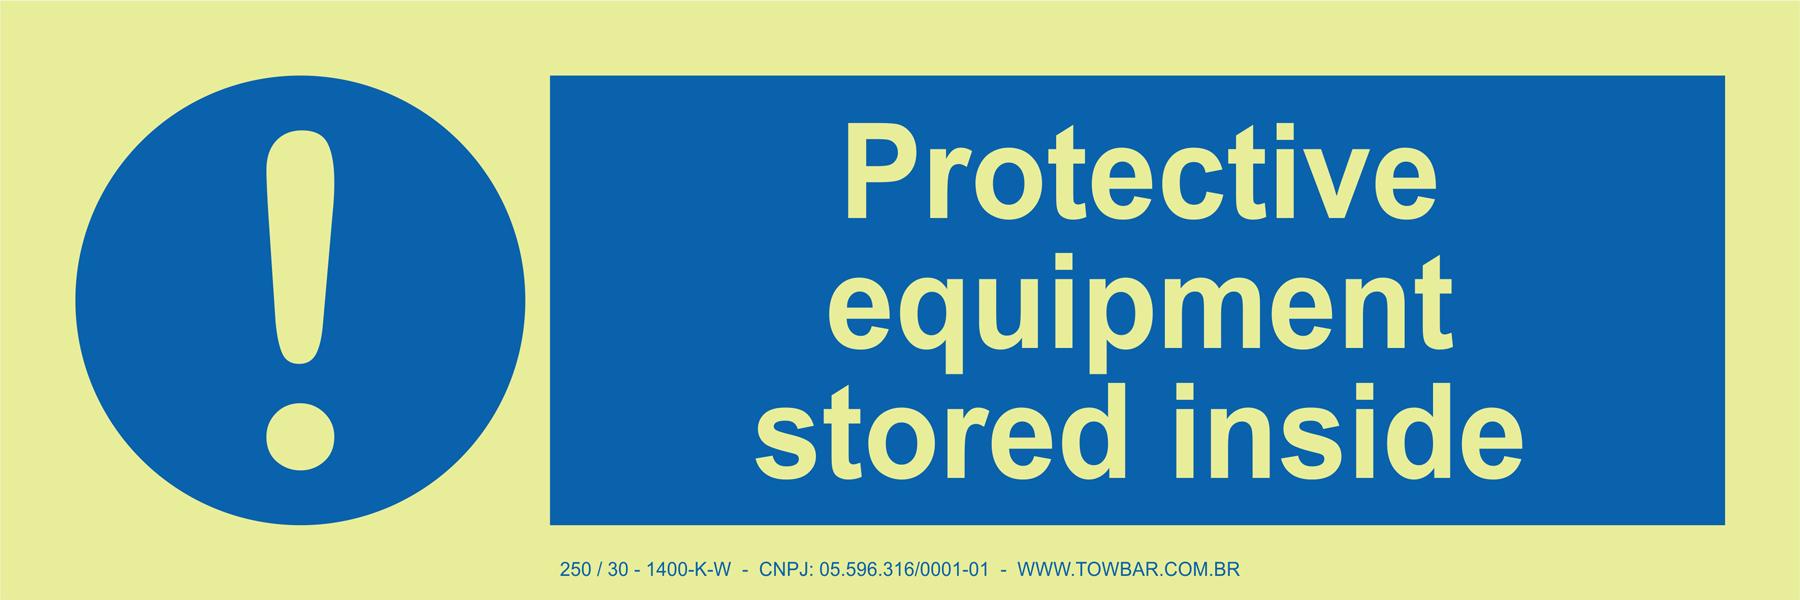 Protective Equipment Stored Inside  - Towbar Sinalização de Segurança